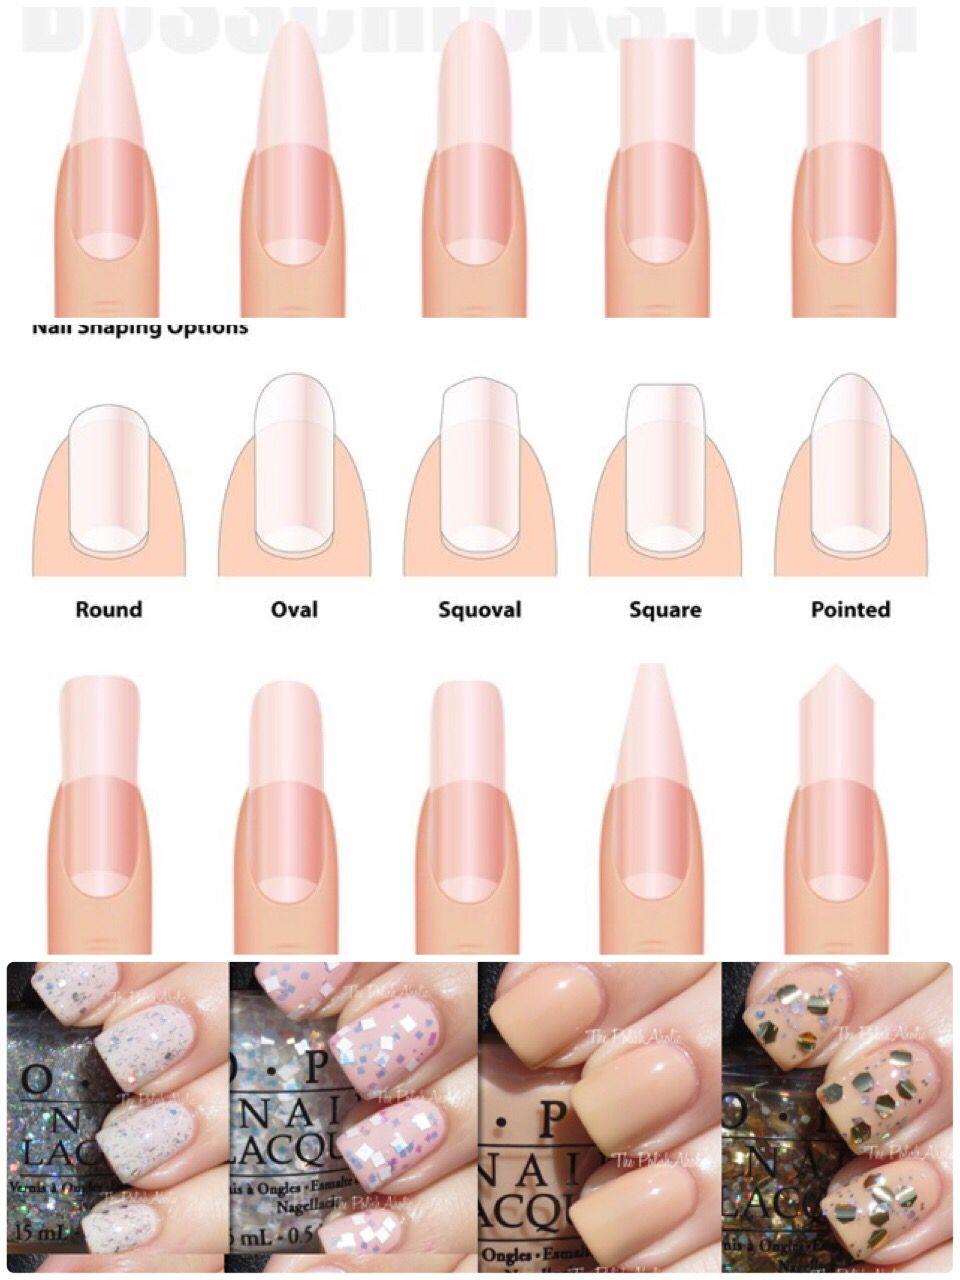 اختاري شكل أظافرك بما يتناسب مع شخصيتك من أشكال الاظافر الطويلة والقصيرة والتي تختارينها حسب طل تك Opi Alessandro In Manicure And Pedicure Pedicure Manicure